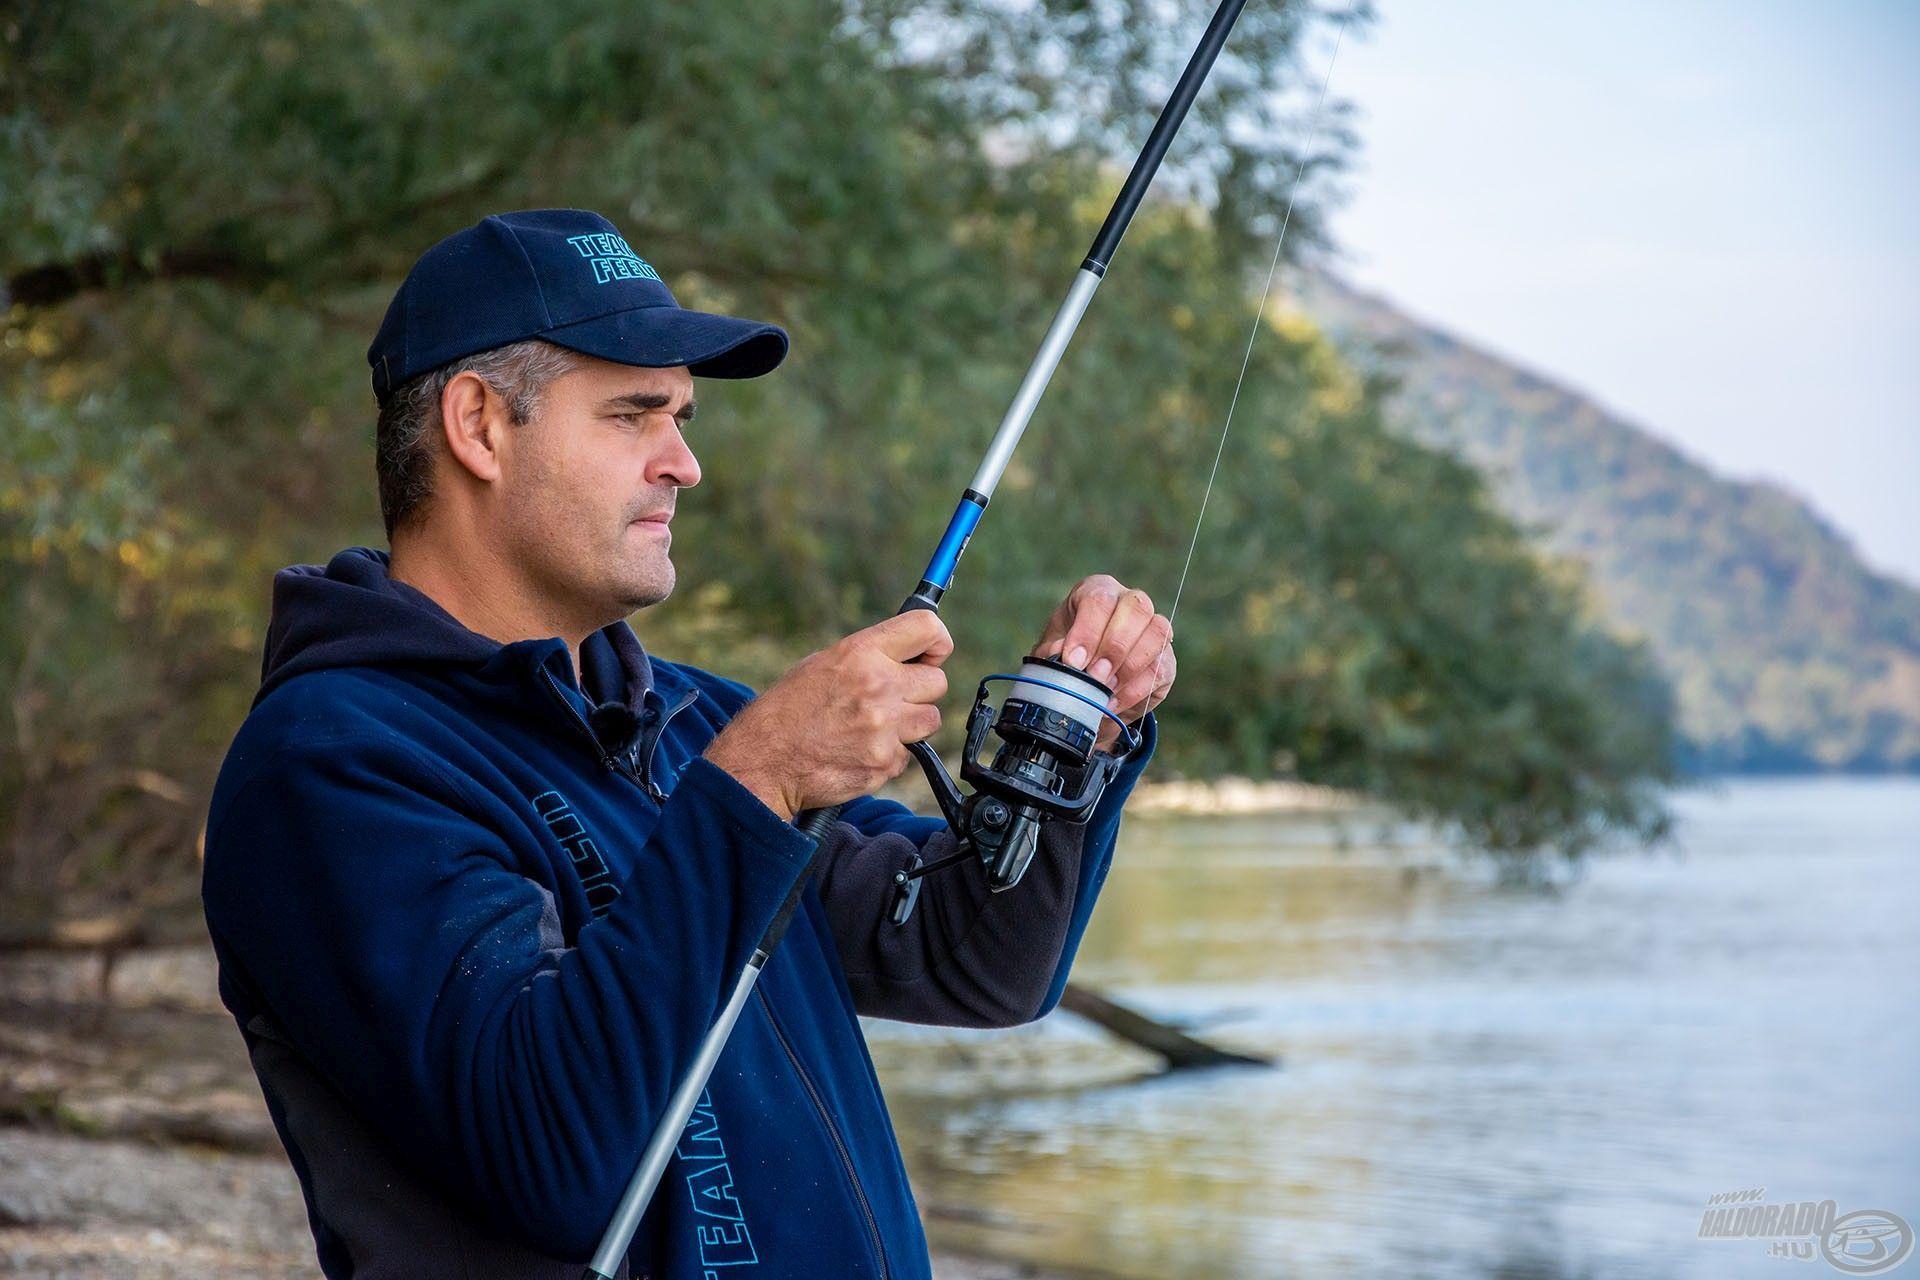 A Super Sensitive zsinórok a finomszerelékes horgászatokra készültek, de megállják a helyüket akár folyóvízen is!